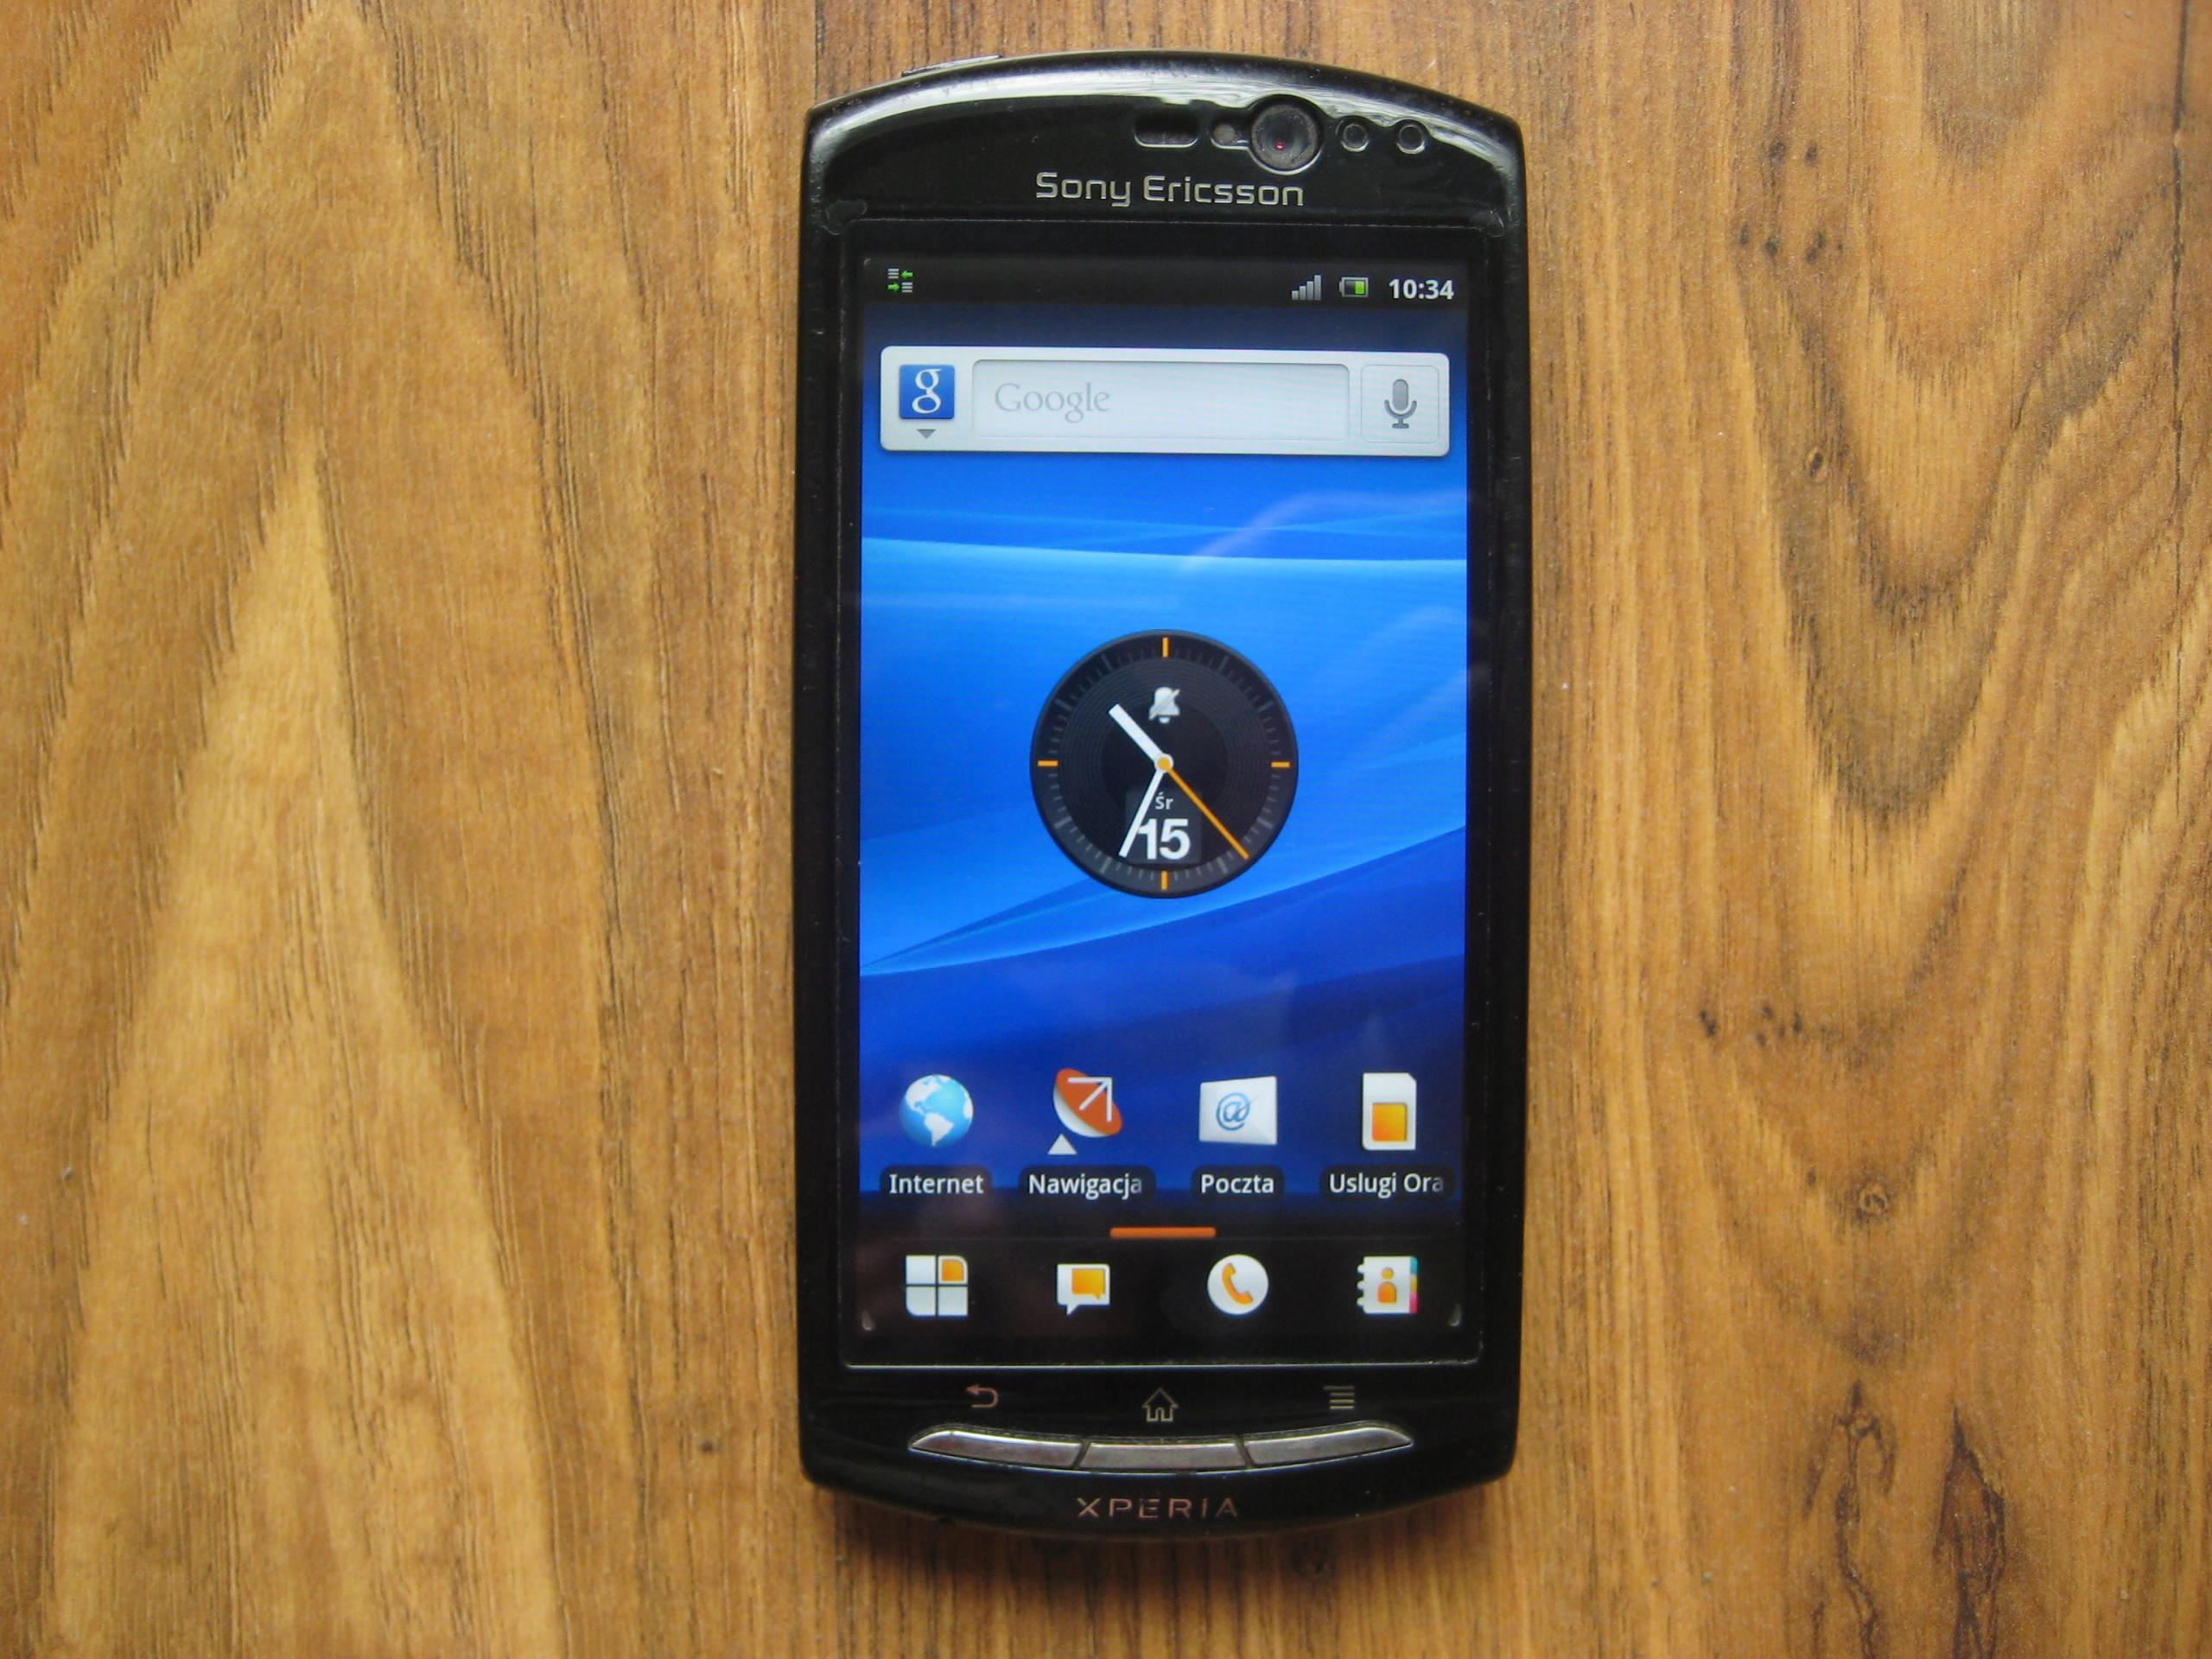 Sony Ericsson Xperia Neo V Bez Simlocka Real Foto 9171641987 Sklep Internetowy Agd Rtv Telefony Laptopy Allegro Pl